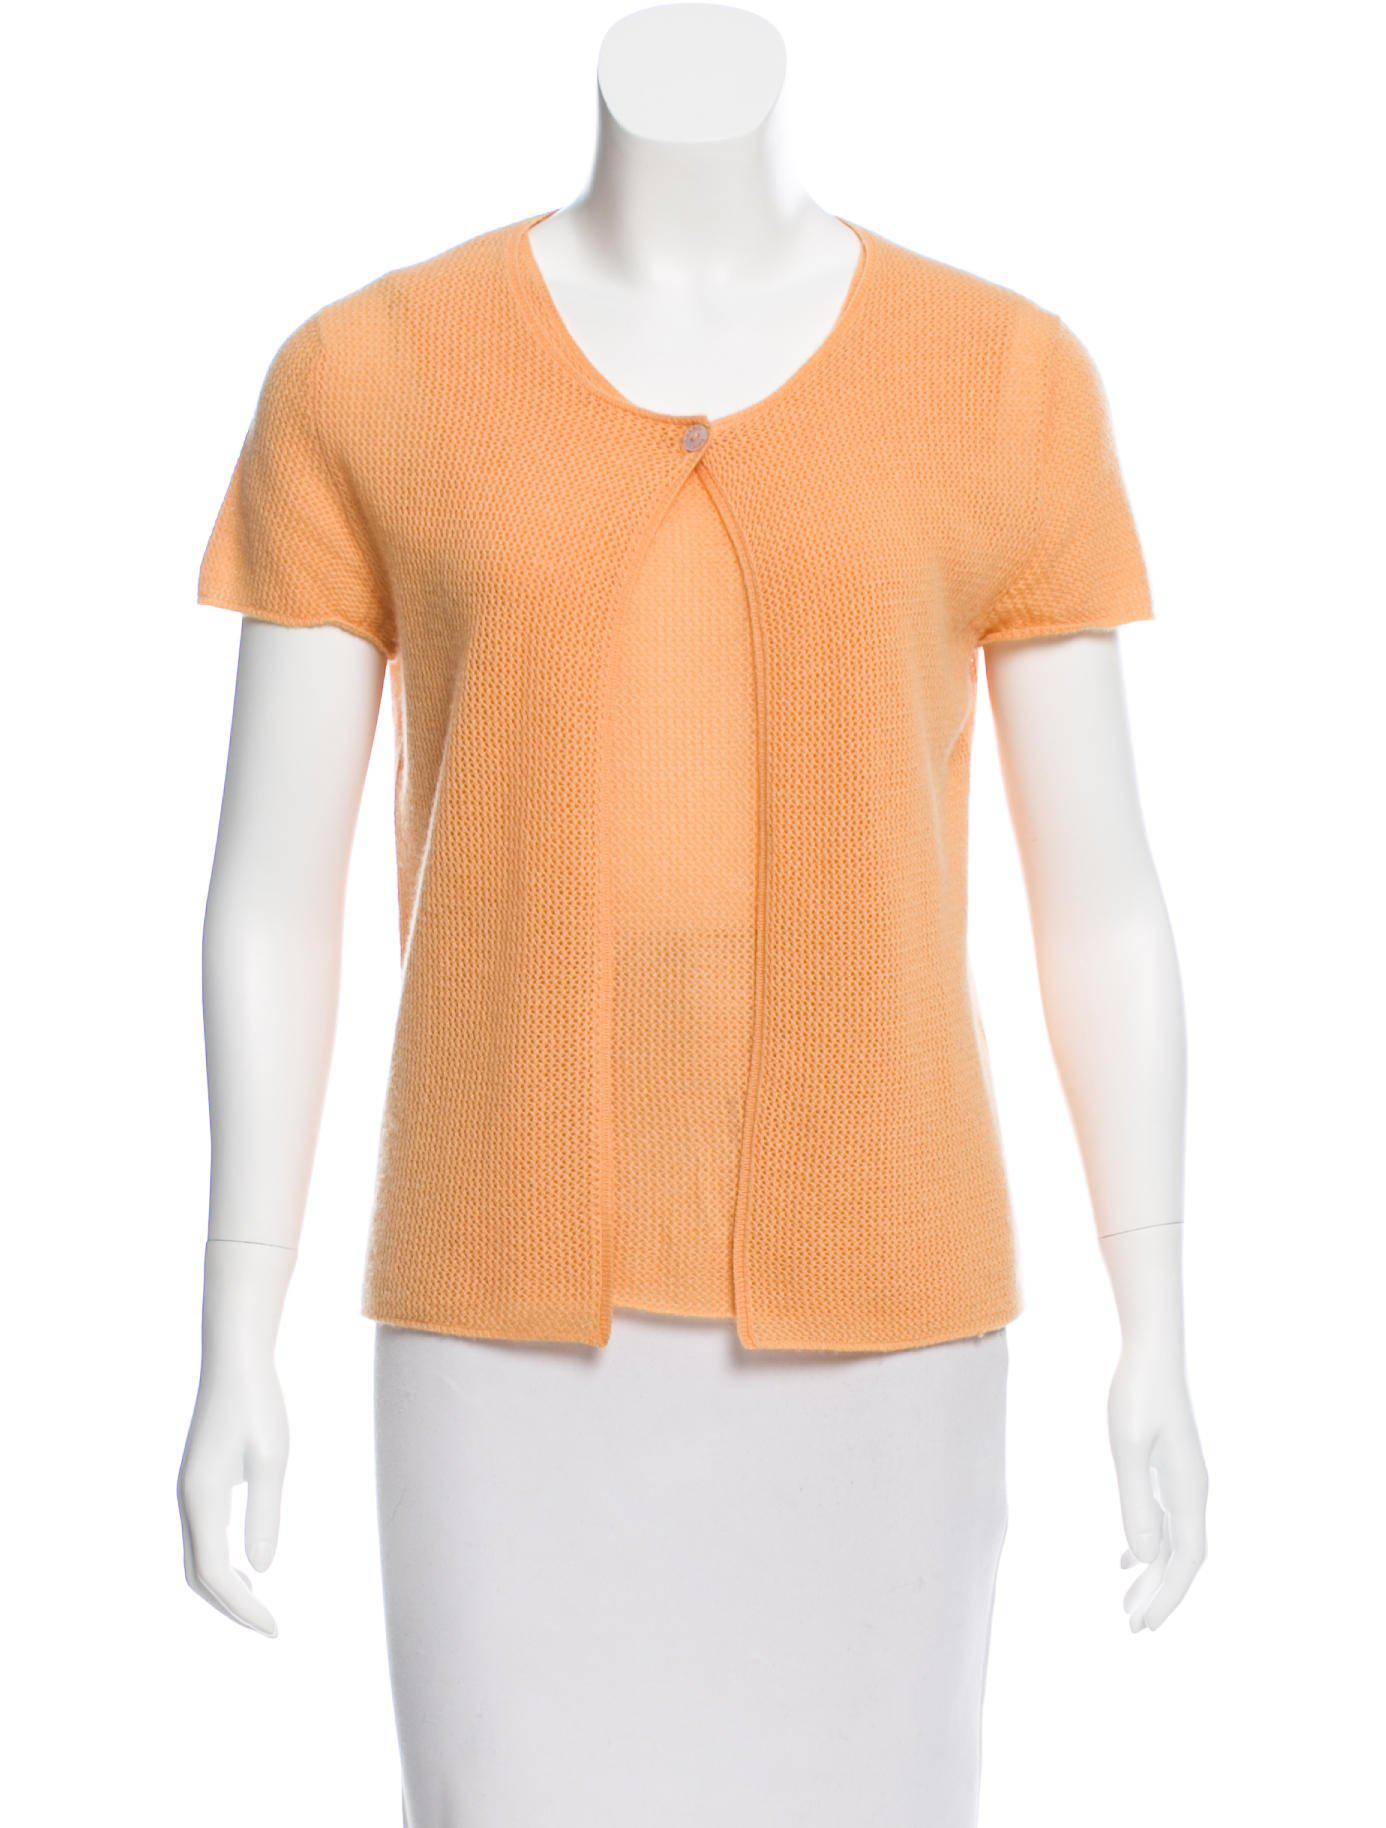 Chanel Cashmere Sweater Set Orange in Orange | Lyst